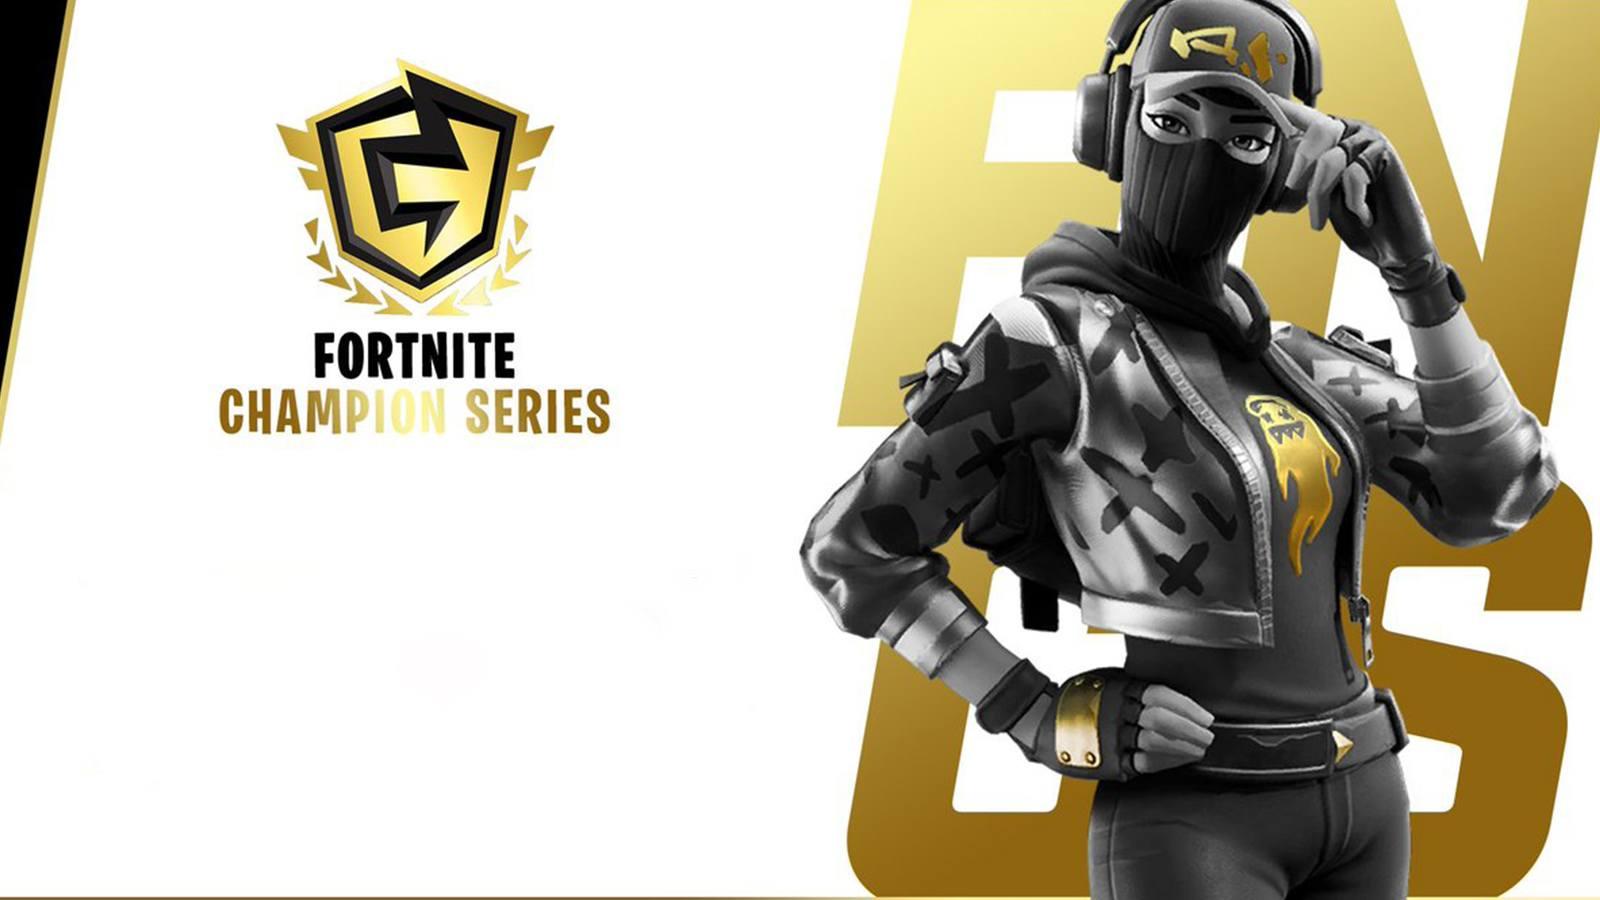 Fortnite Champion Series Saison 2